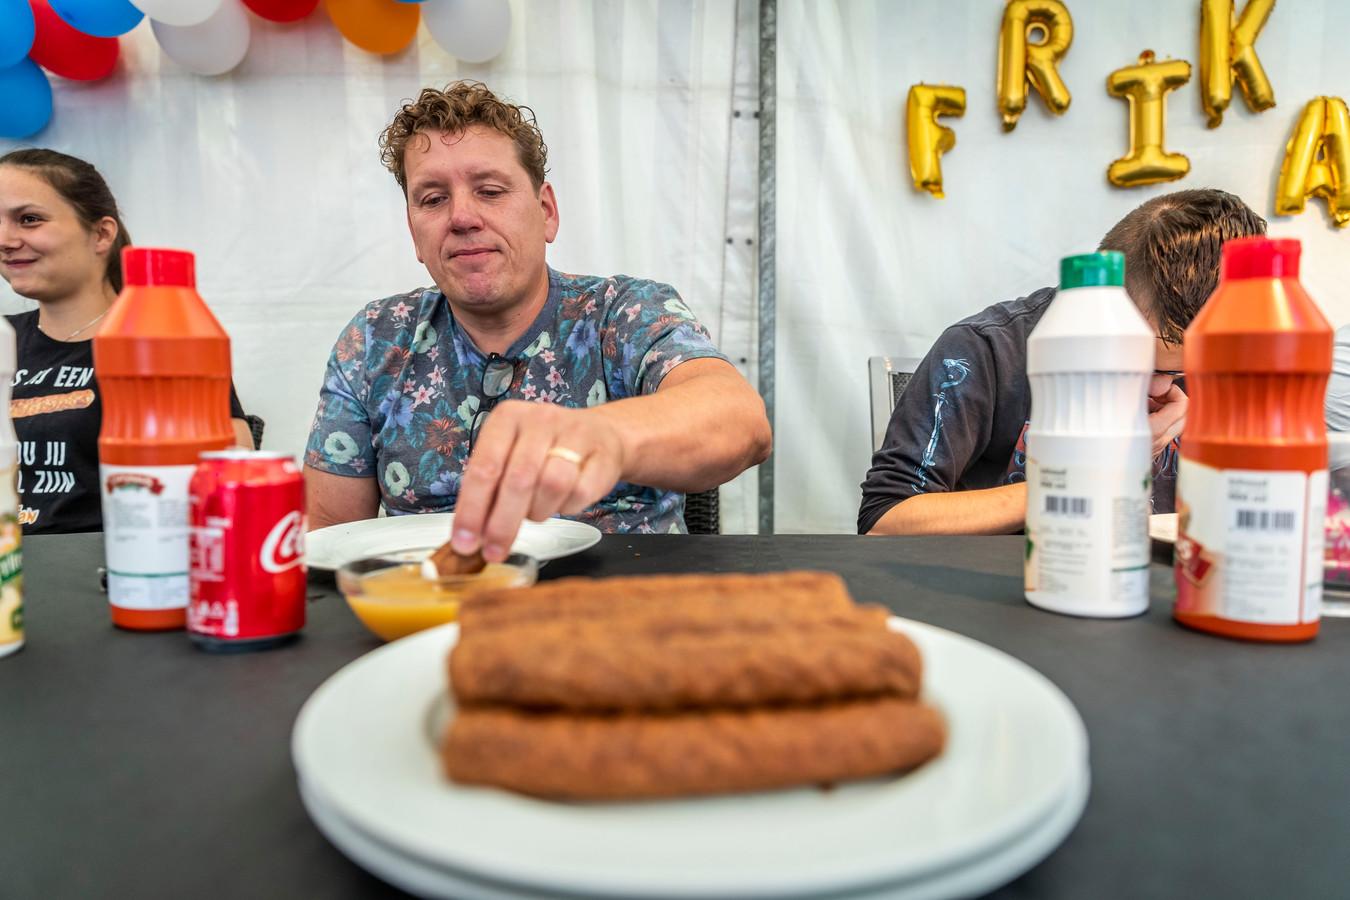 Eethuis Reintje in Mierlo houdt een Mierloos kampioenschap frikandellen eten. De winnaar wint onder andere een gouden frituur.